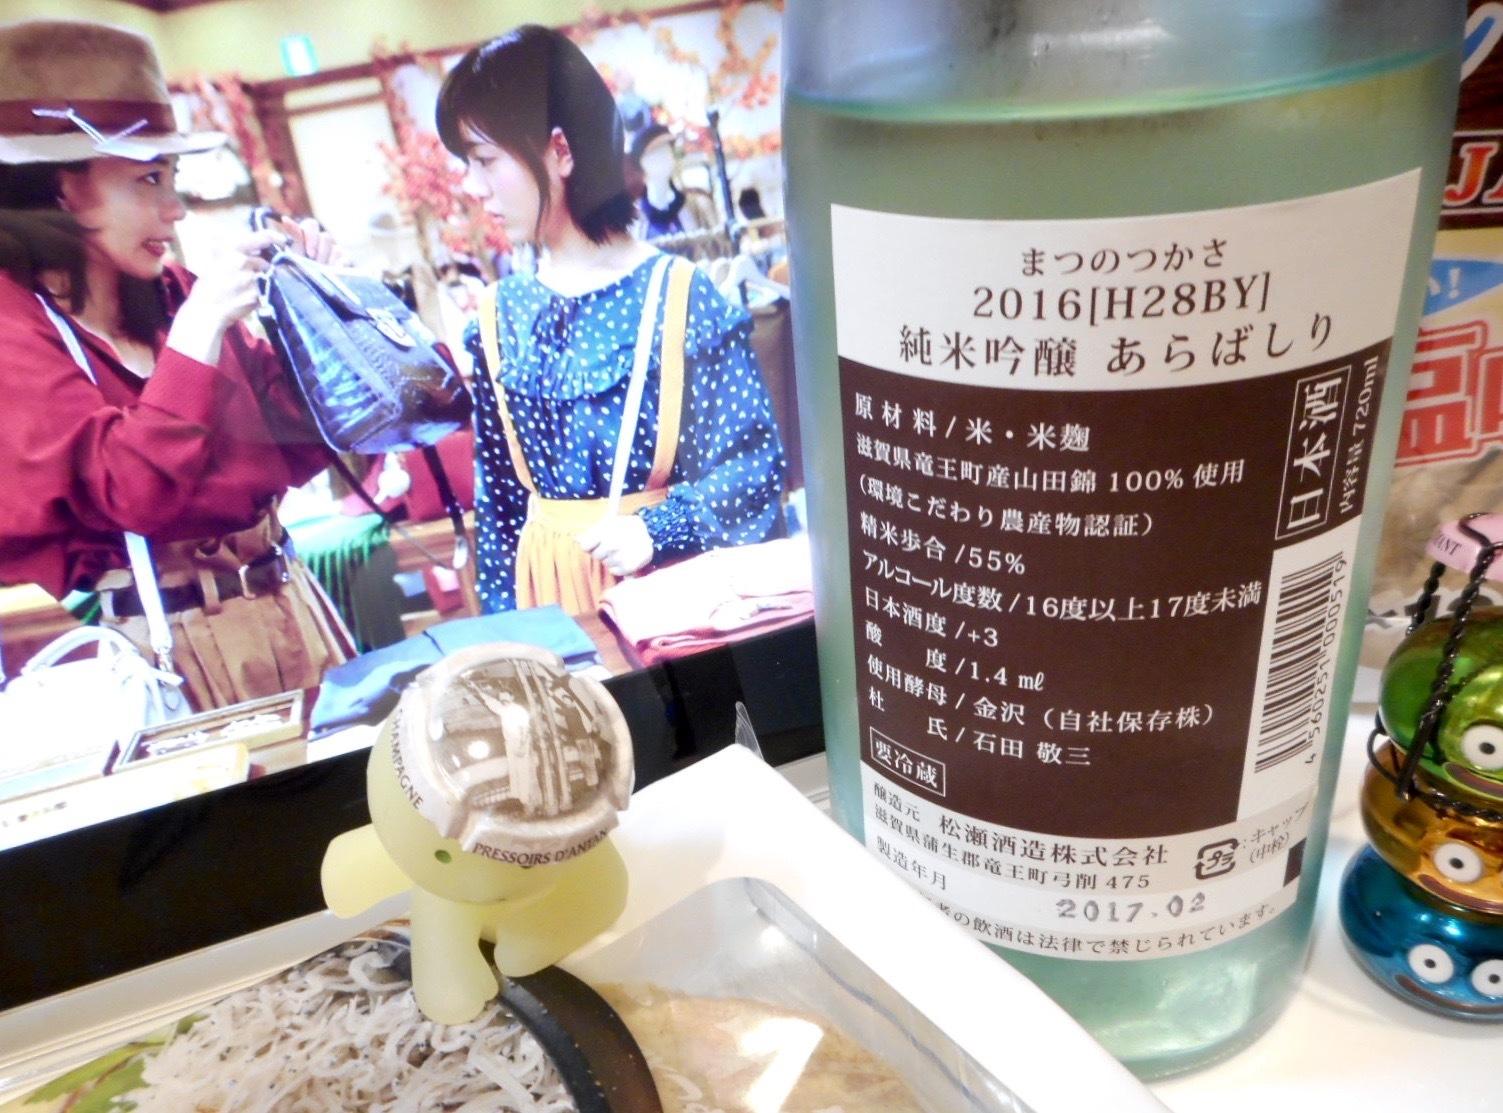 matsunotukasa_arabashiri28by2.jpg